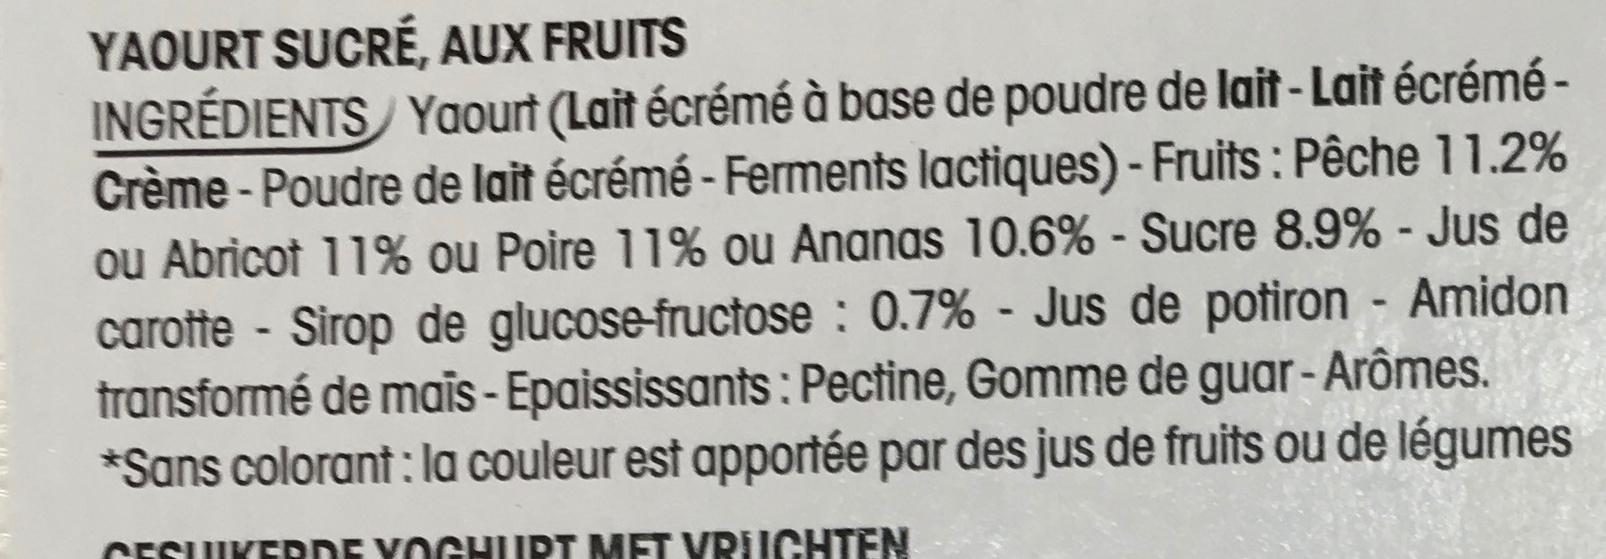 Panier de Yoplait Abricot - Ananas- Pêche - Poire - Ingrediënten - fr